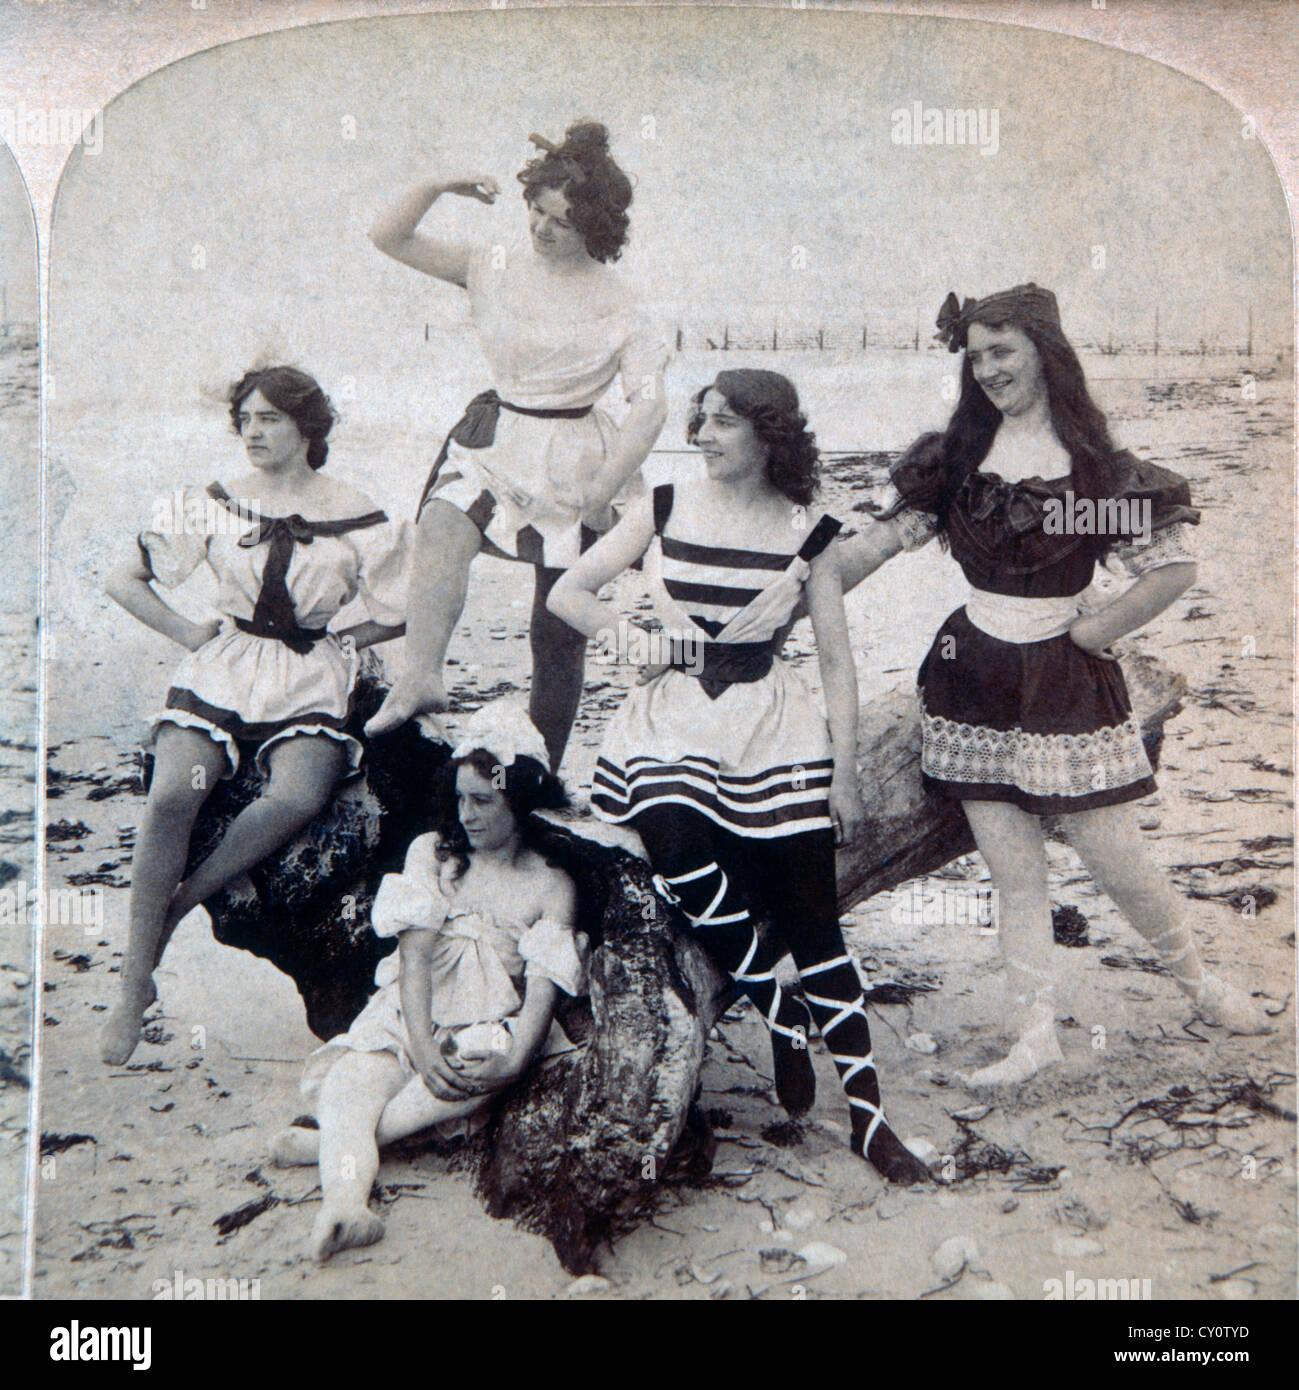 Cinque donne a Beach STATI UNITI D'AMERICA, Stereo albume fotografia, circa 1897 Immagini Stock